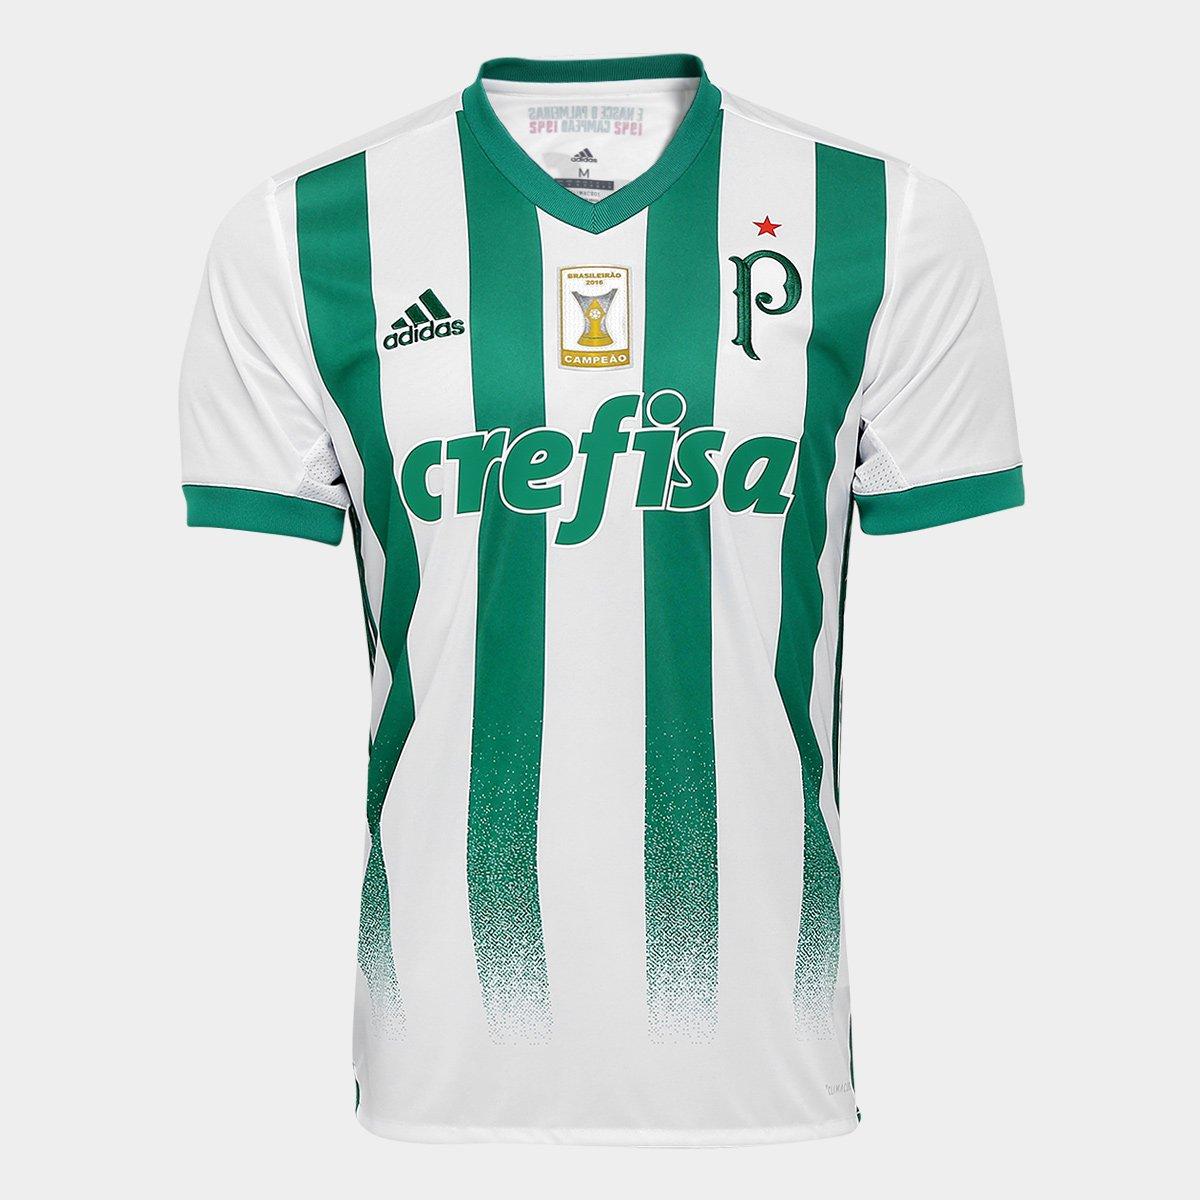 Camisa Adidas Palmeiras II 17 18 S Nº - Torcedor - Patch Campeão Brasileiro  Masculina - Compre Agora  0909b469ade5a